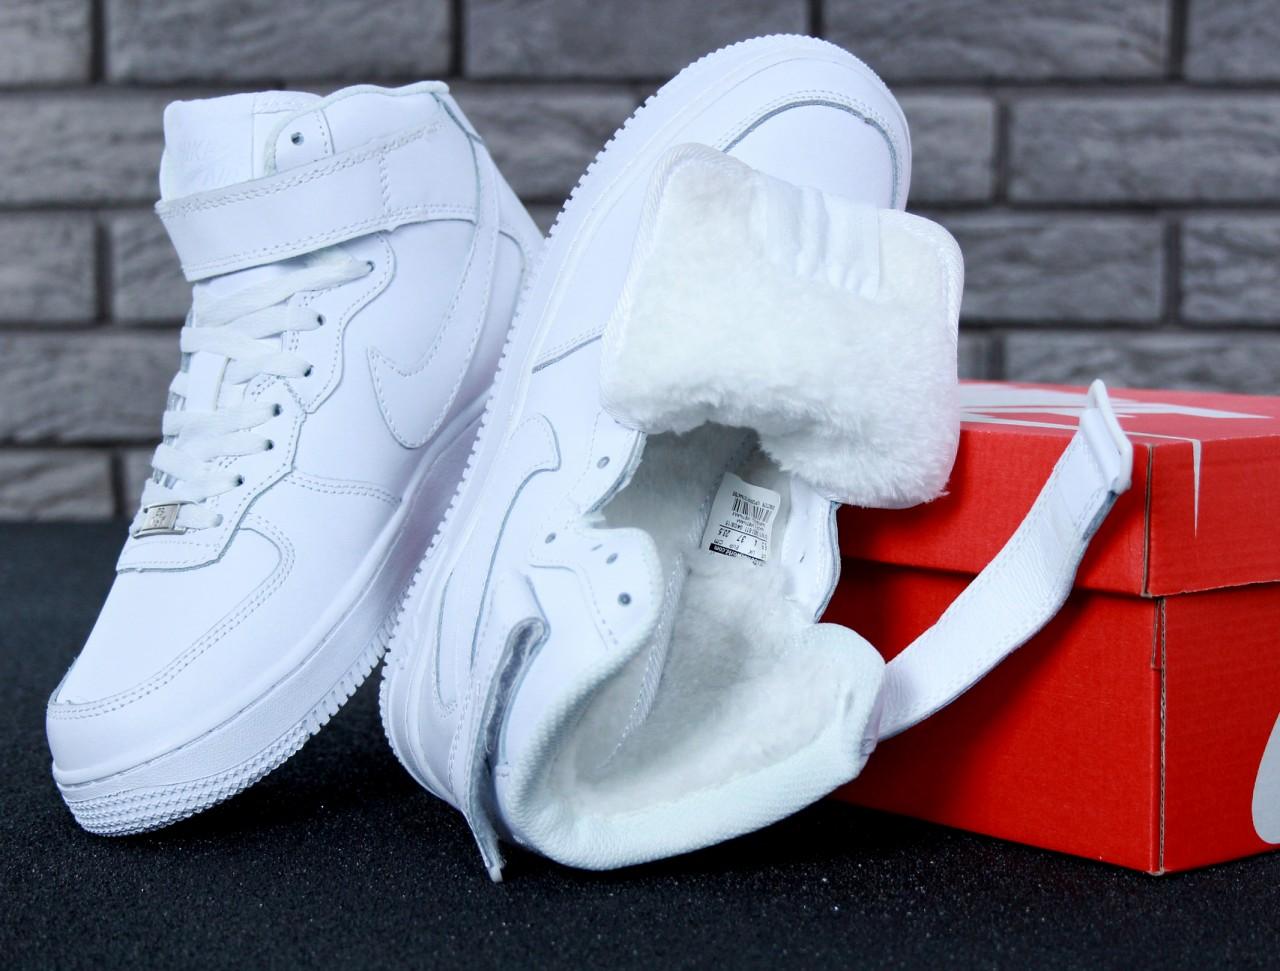 7ae14746b61eab Купить Жіночі зимові кросівки Nike Air Force High Winter